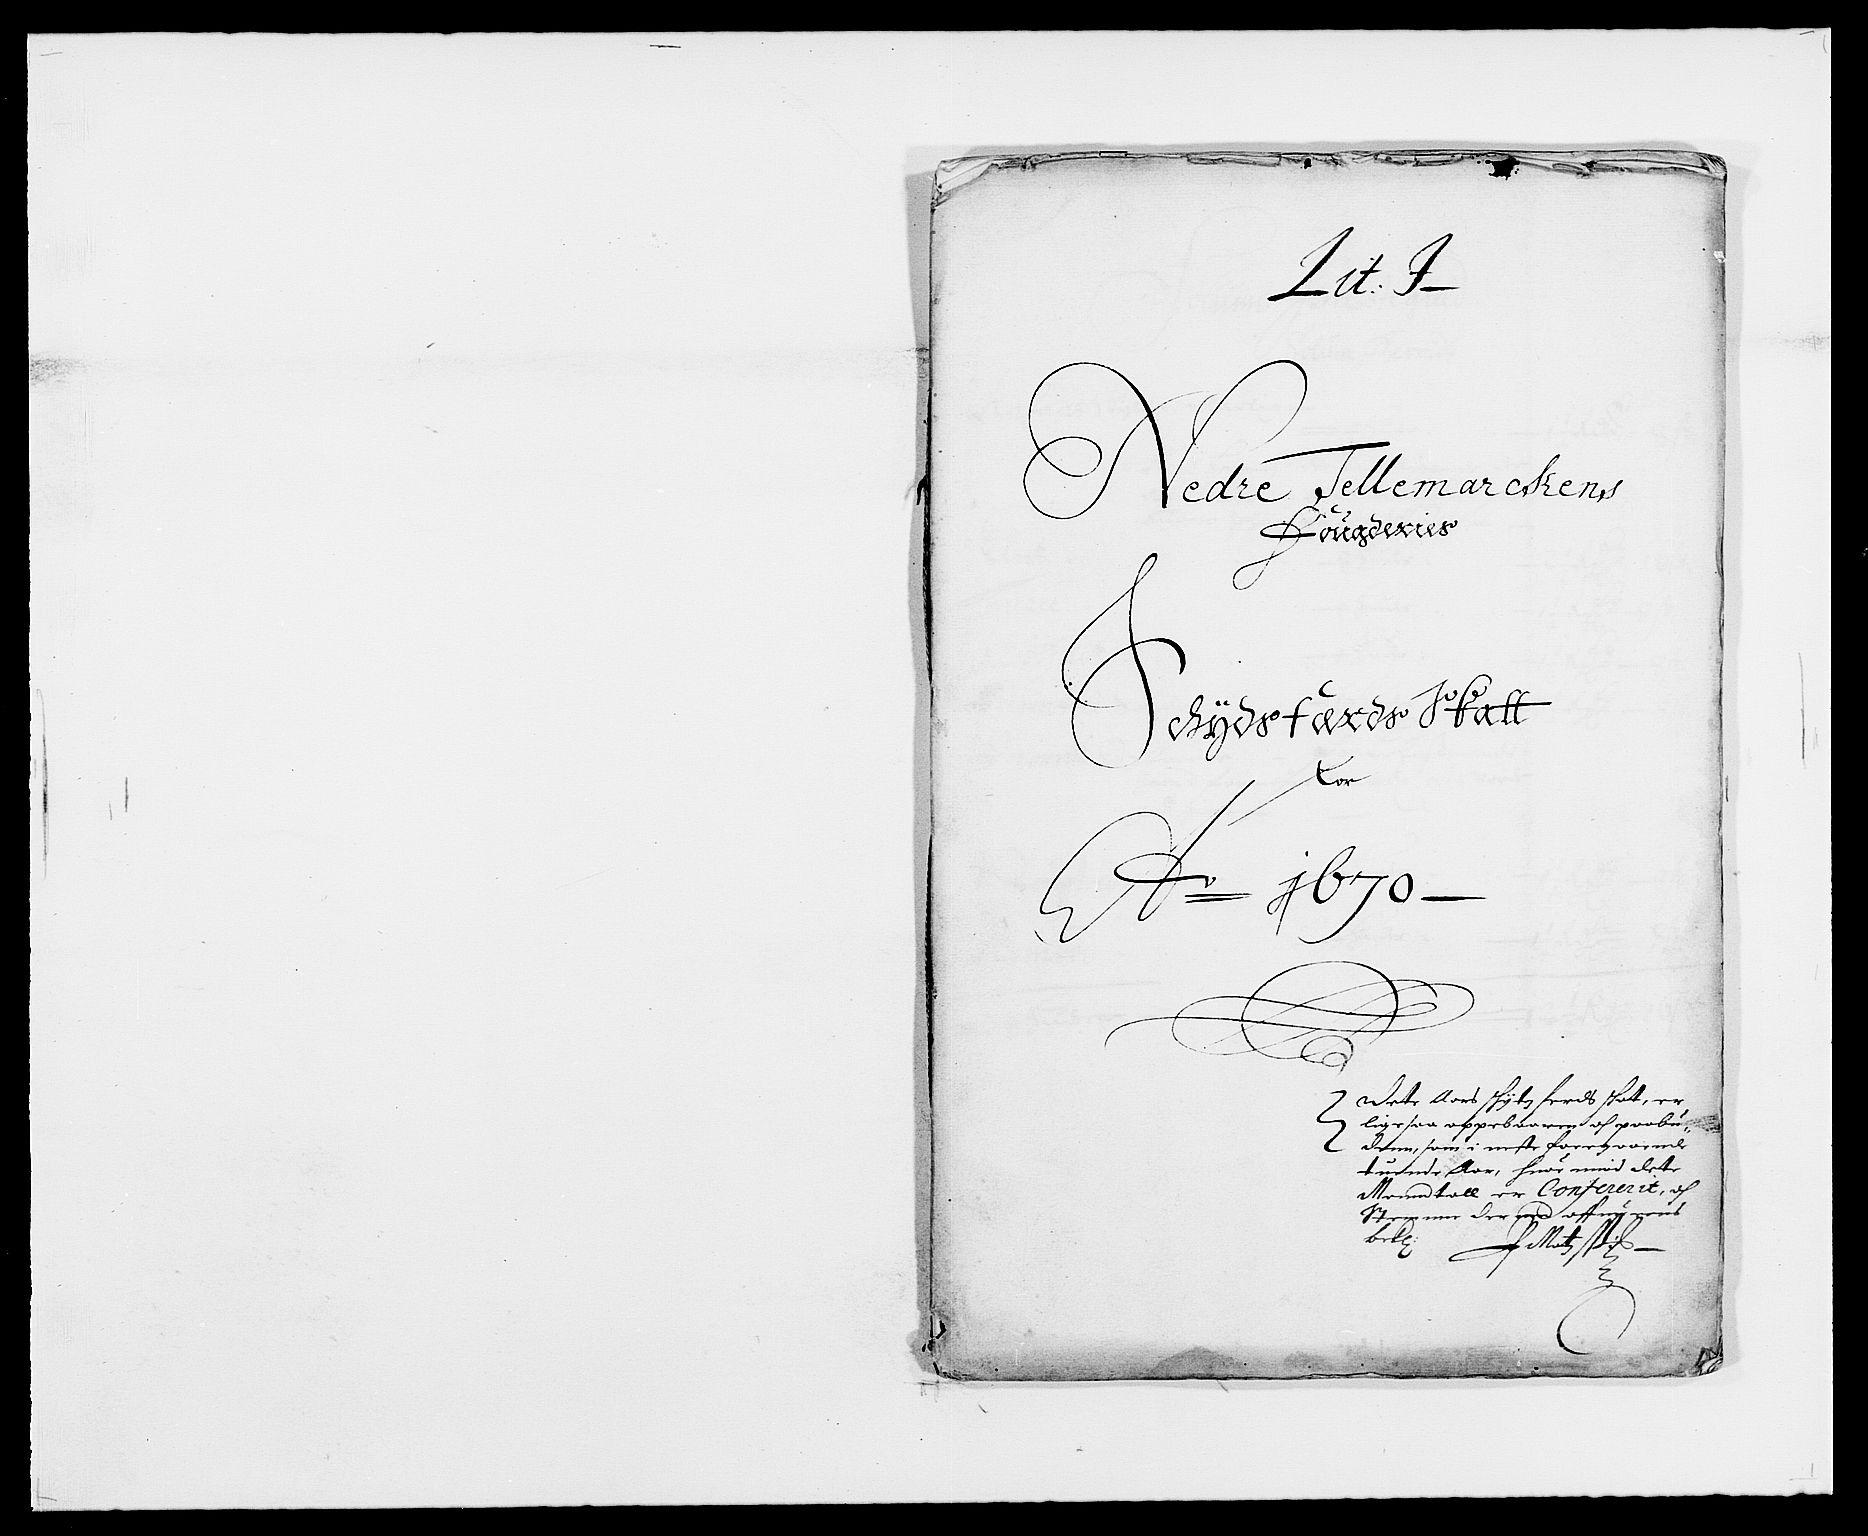 RA, Rentekammeret inntil 1814, Reviderte regnskaper, Fogderegnskap, R35/L2058: Fogderegnskap Øvre og Nedre Telemark, 1668-1670, s. 176